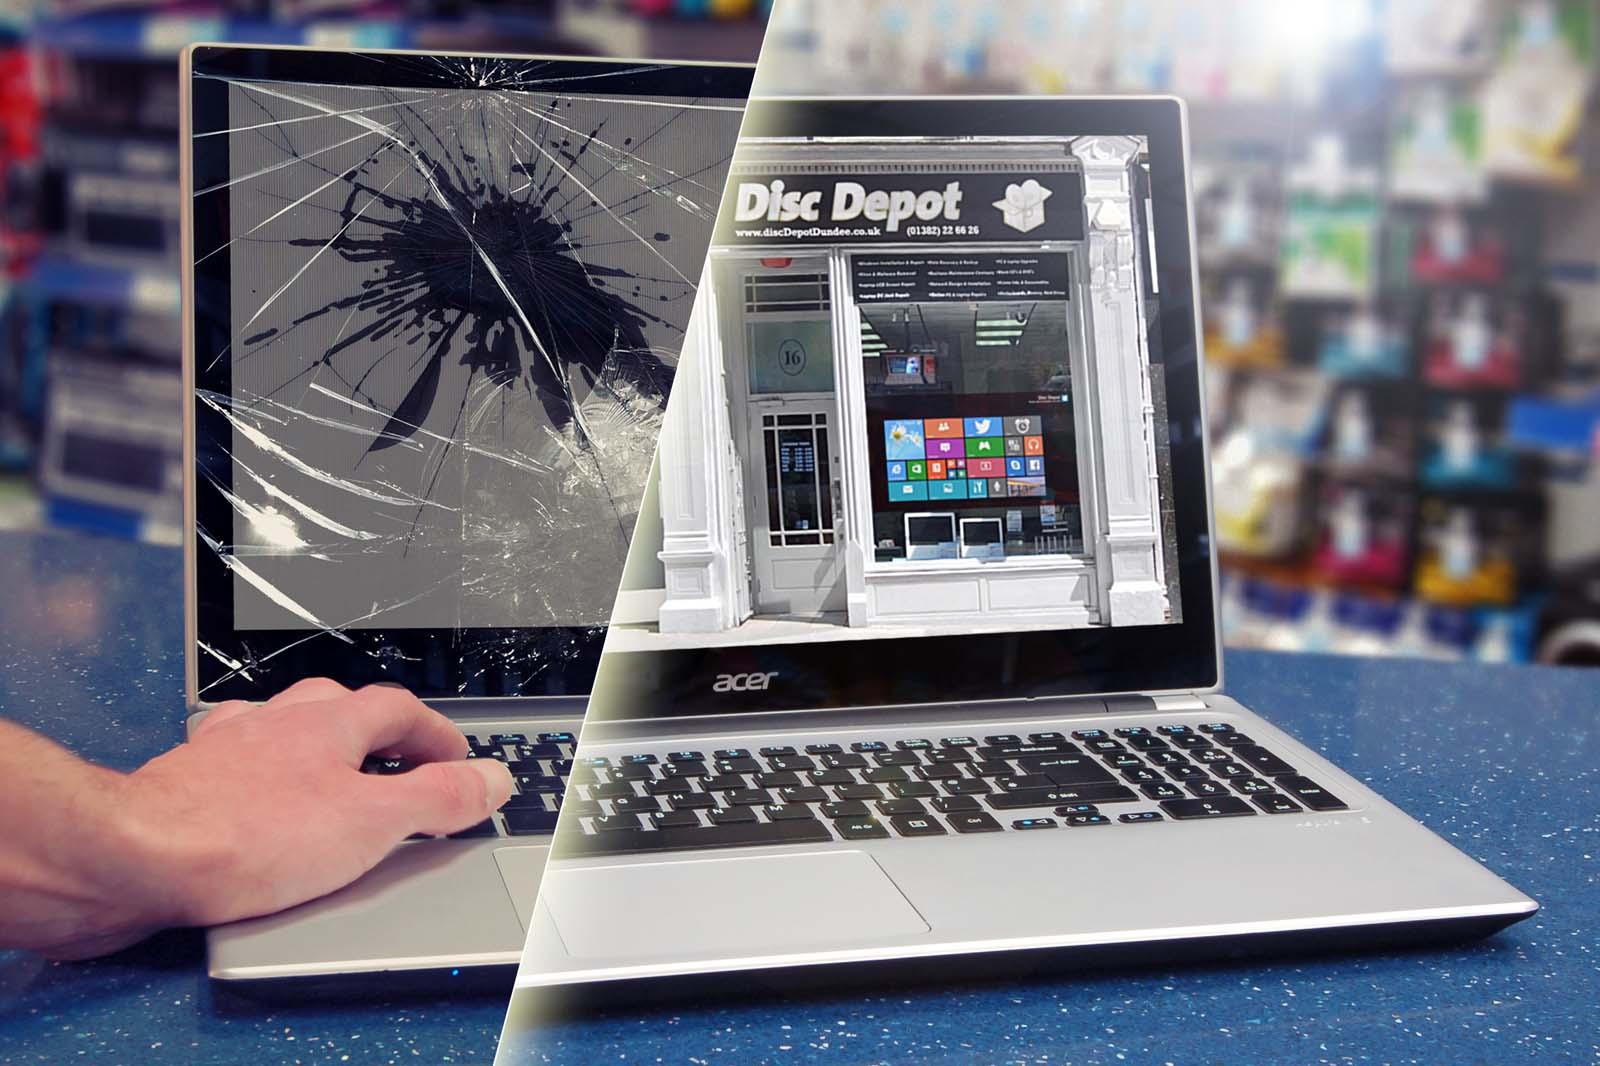 برای تعمیر یا تعویض صفحه لپ تاپ چه کنیم